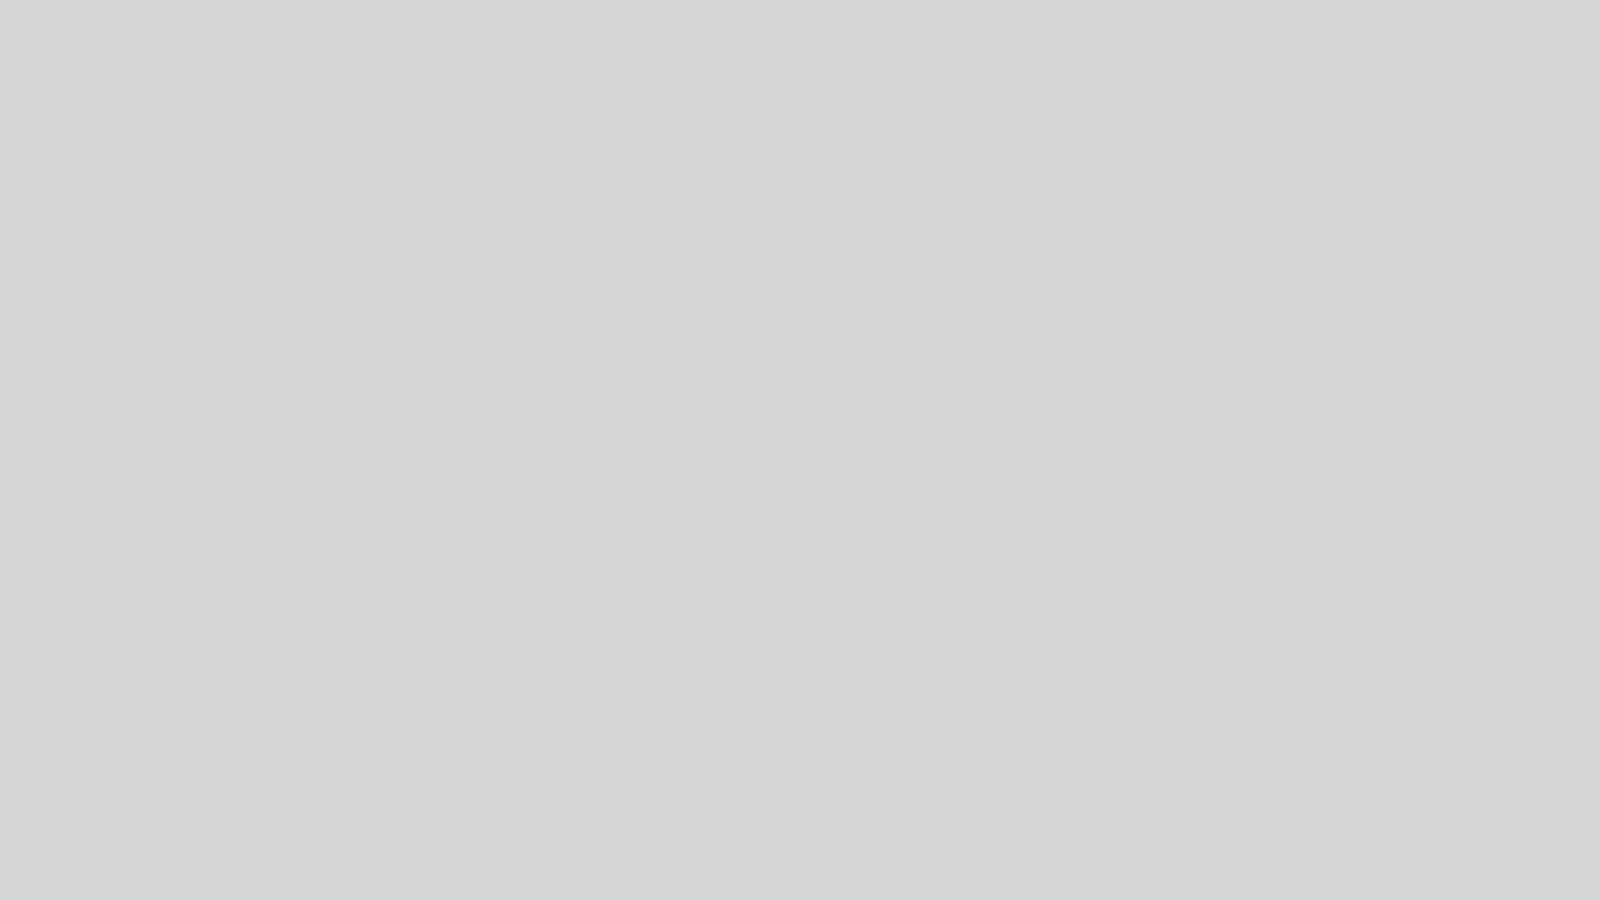 """Sun Tropics - The following is placeholder text known as """"lorem ipsum,"""" which is scrambled Latin used by designers to mimic real copy. Vivamus sit amet semper lacus, in mollis libero. Nulla lectus ante, consequat et ex eget, feugiat tincidunt metus. Nulla eu pretium massa. Aenean eu justo sed elit dignissim aliquam."""